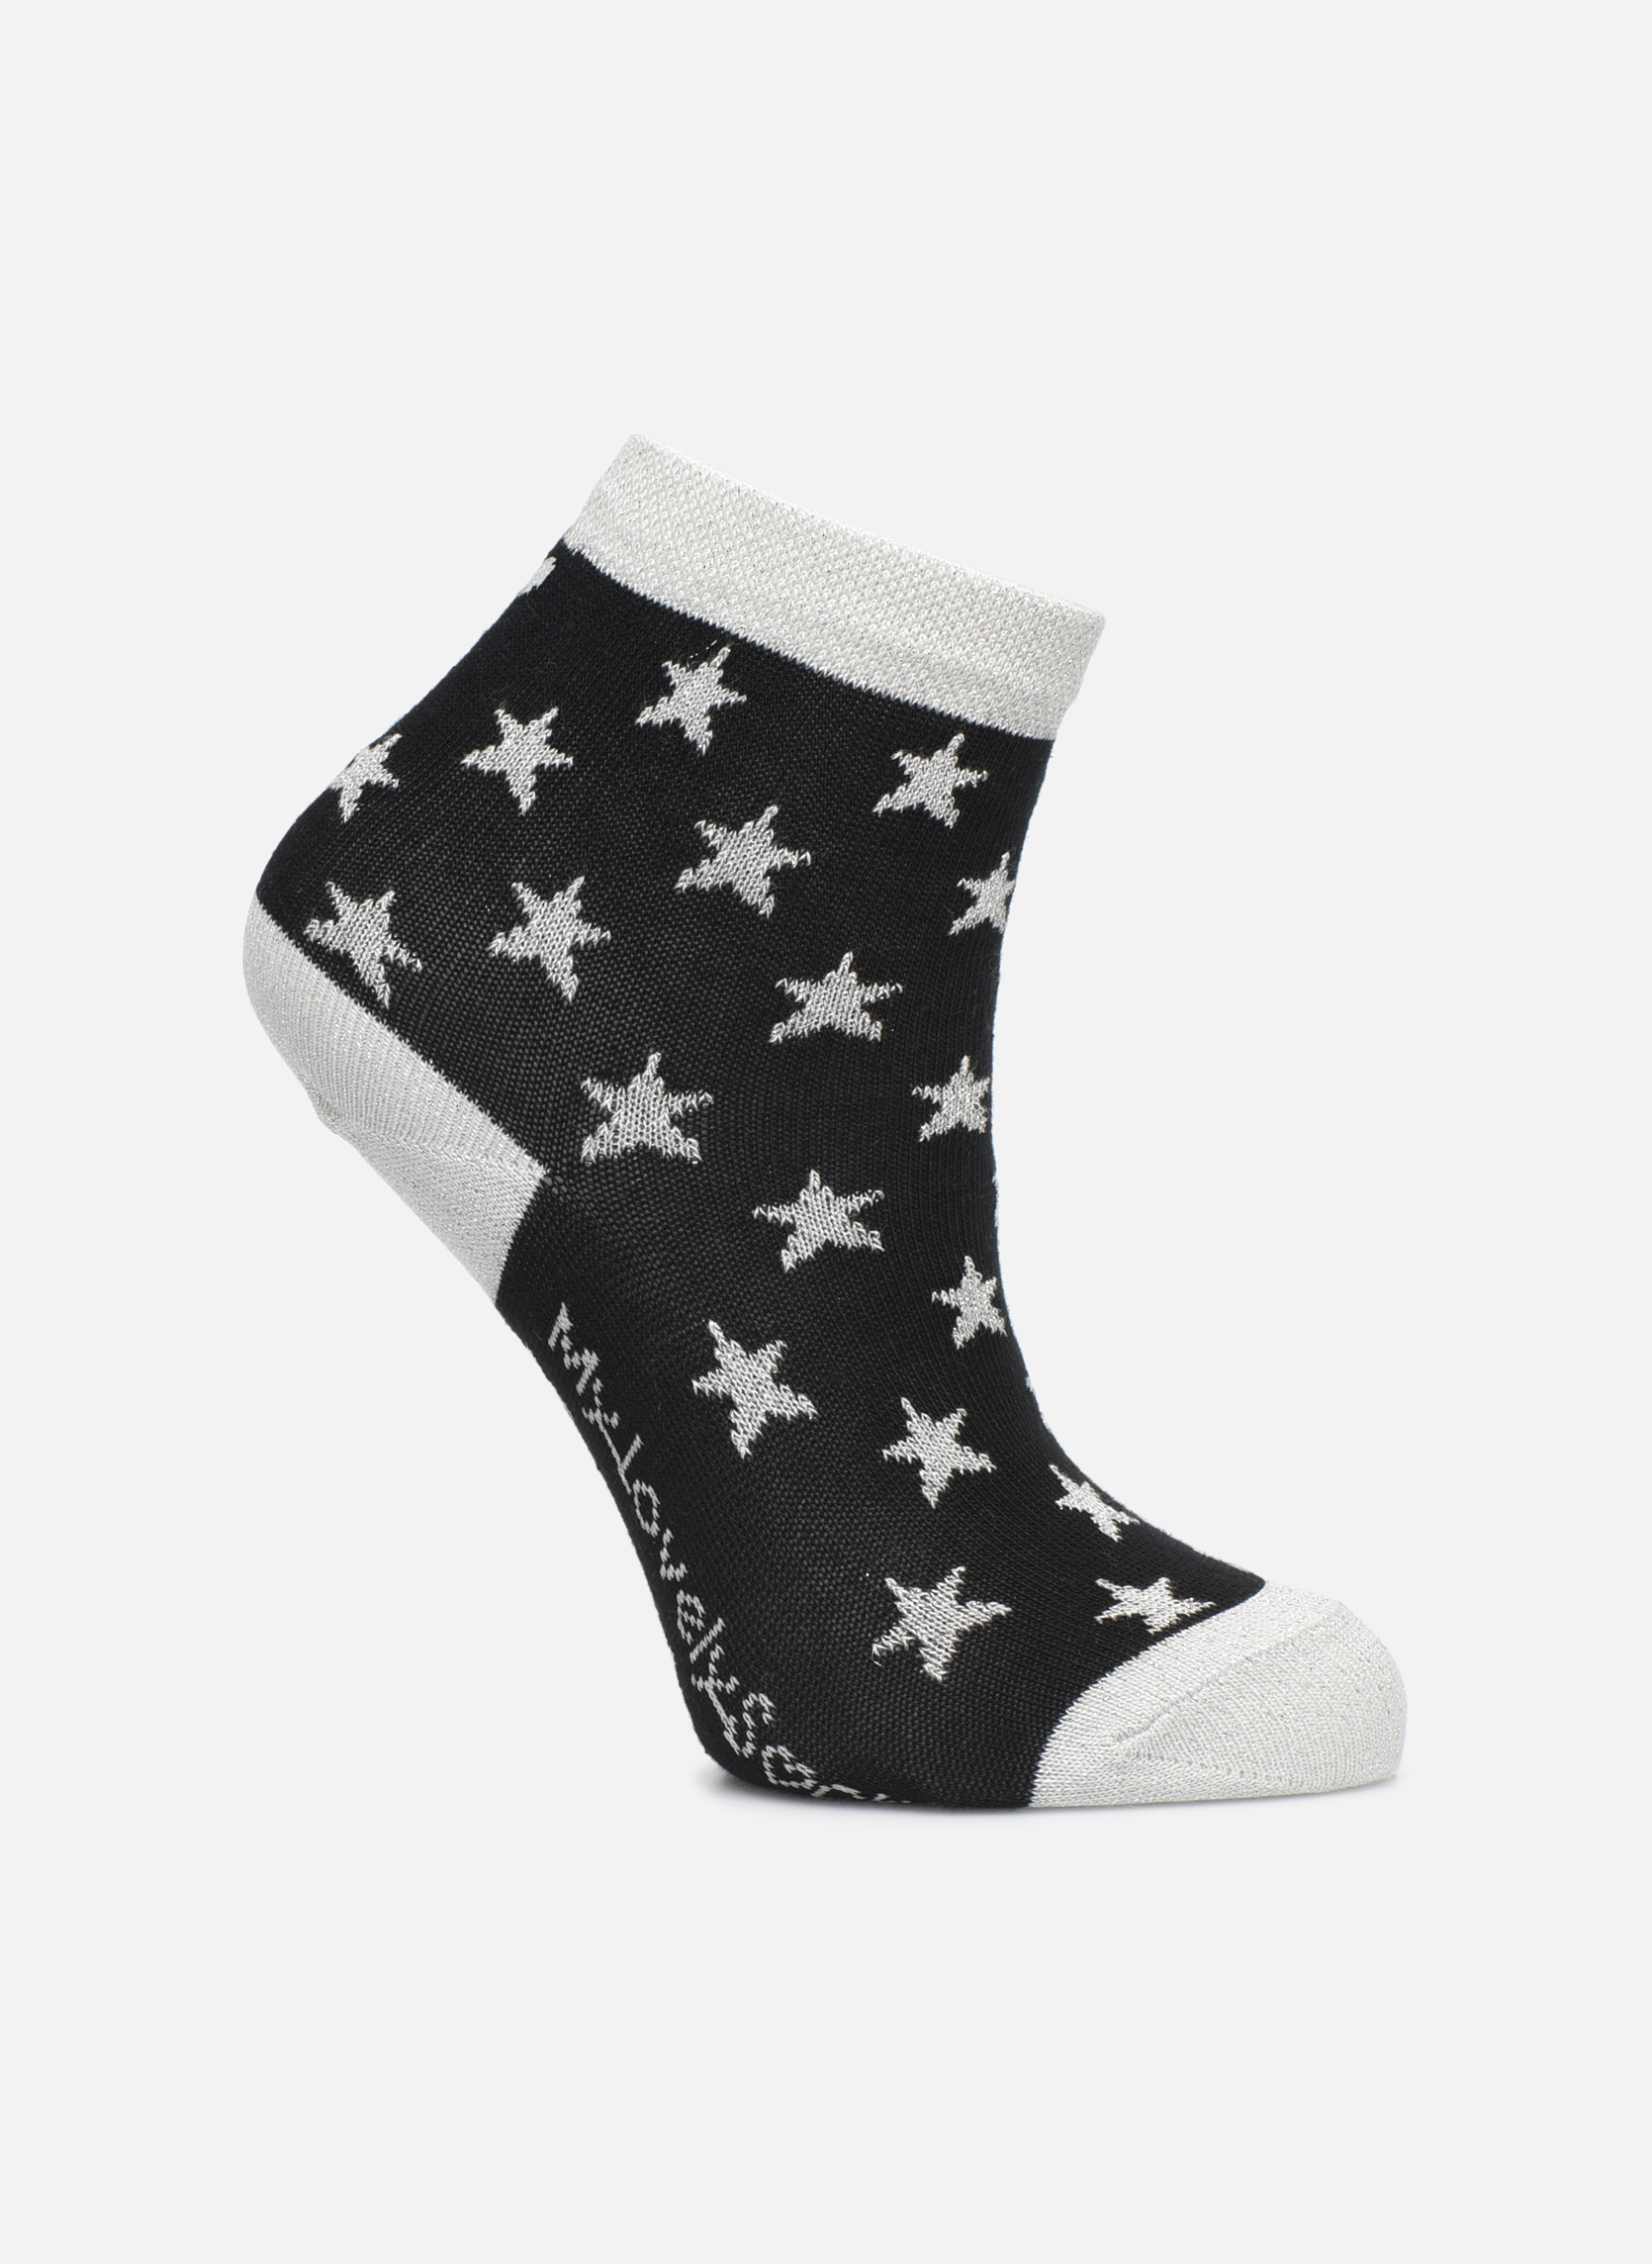 Chaussettes Mixte Celeste Stars noir et gris argenté